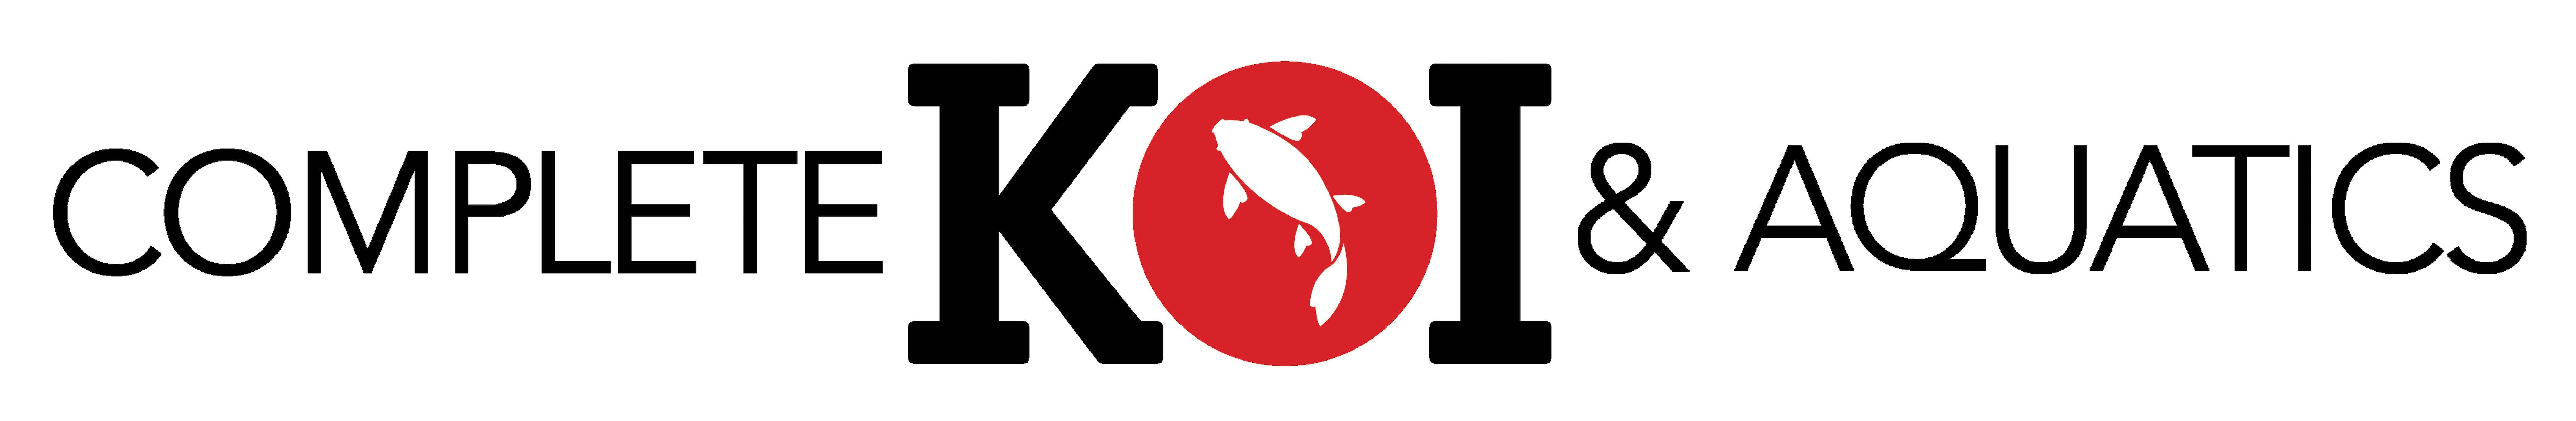 Read Complete Koi & Aquatics Reviews